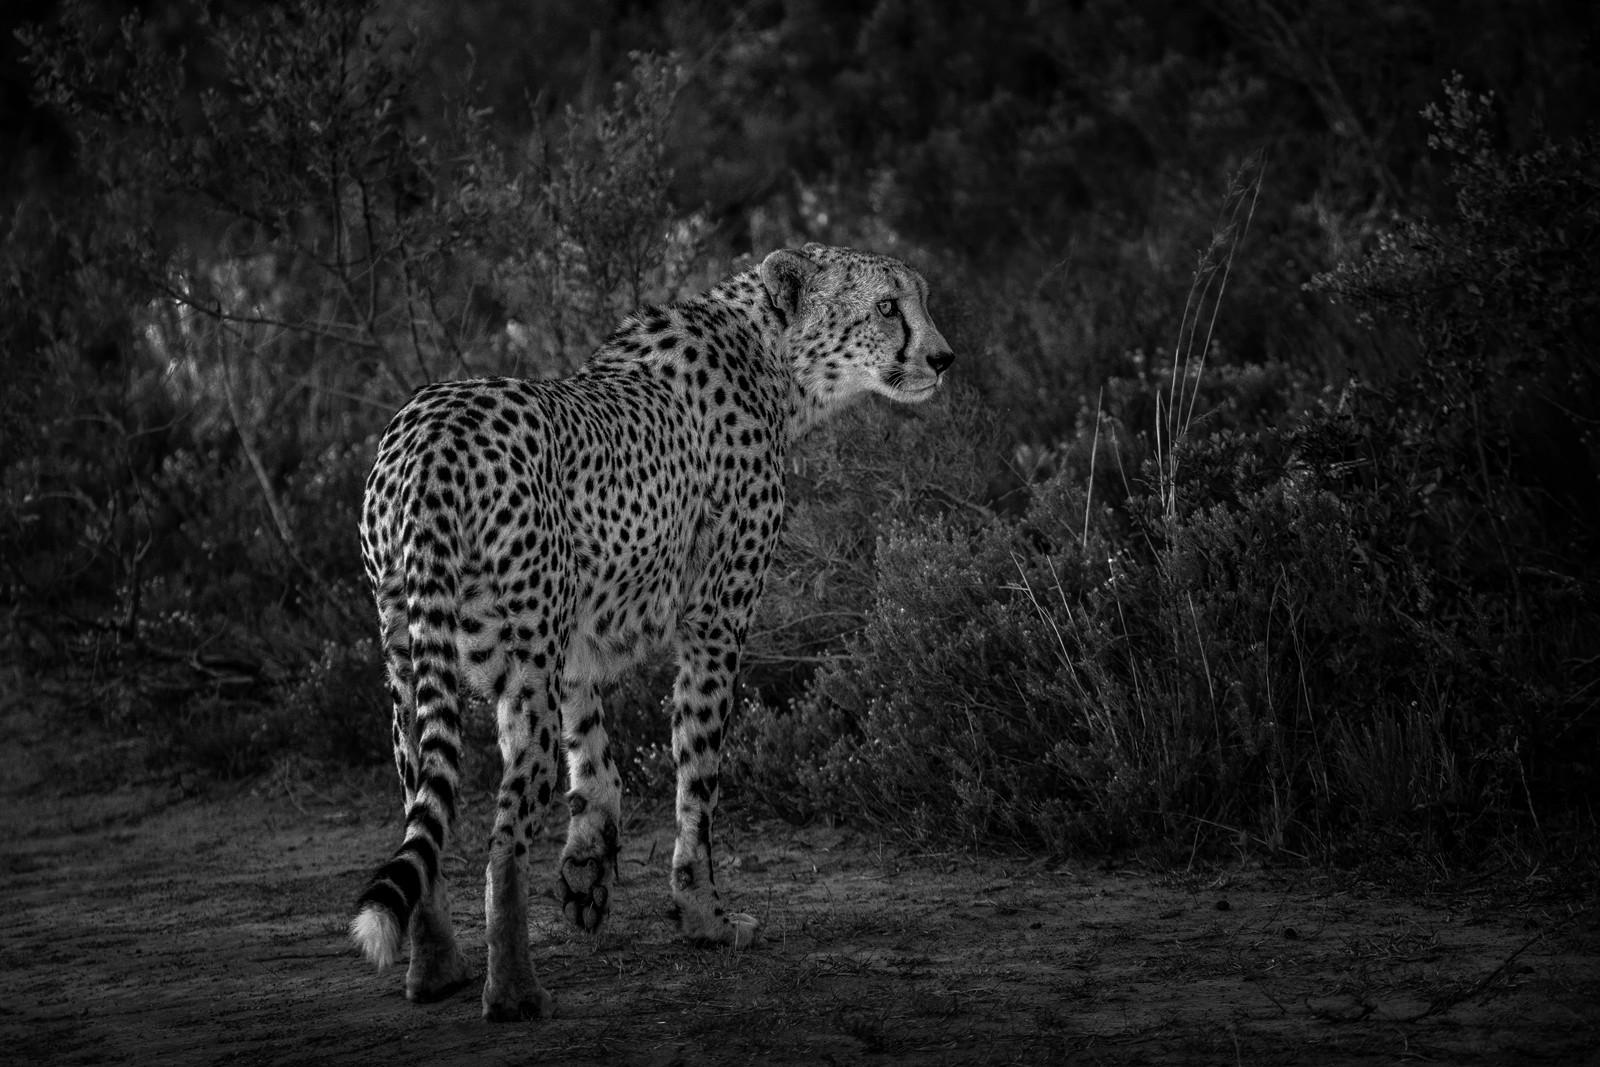 MONO - Cheetah by Alan Hillen (14 marks)